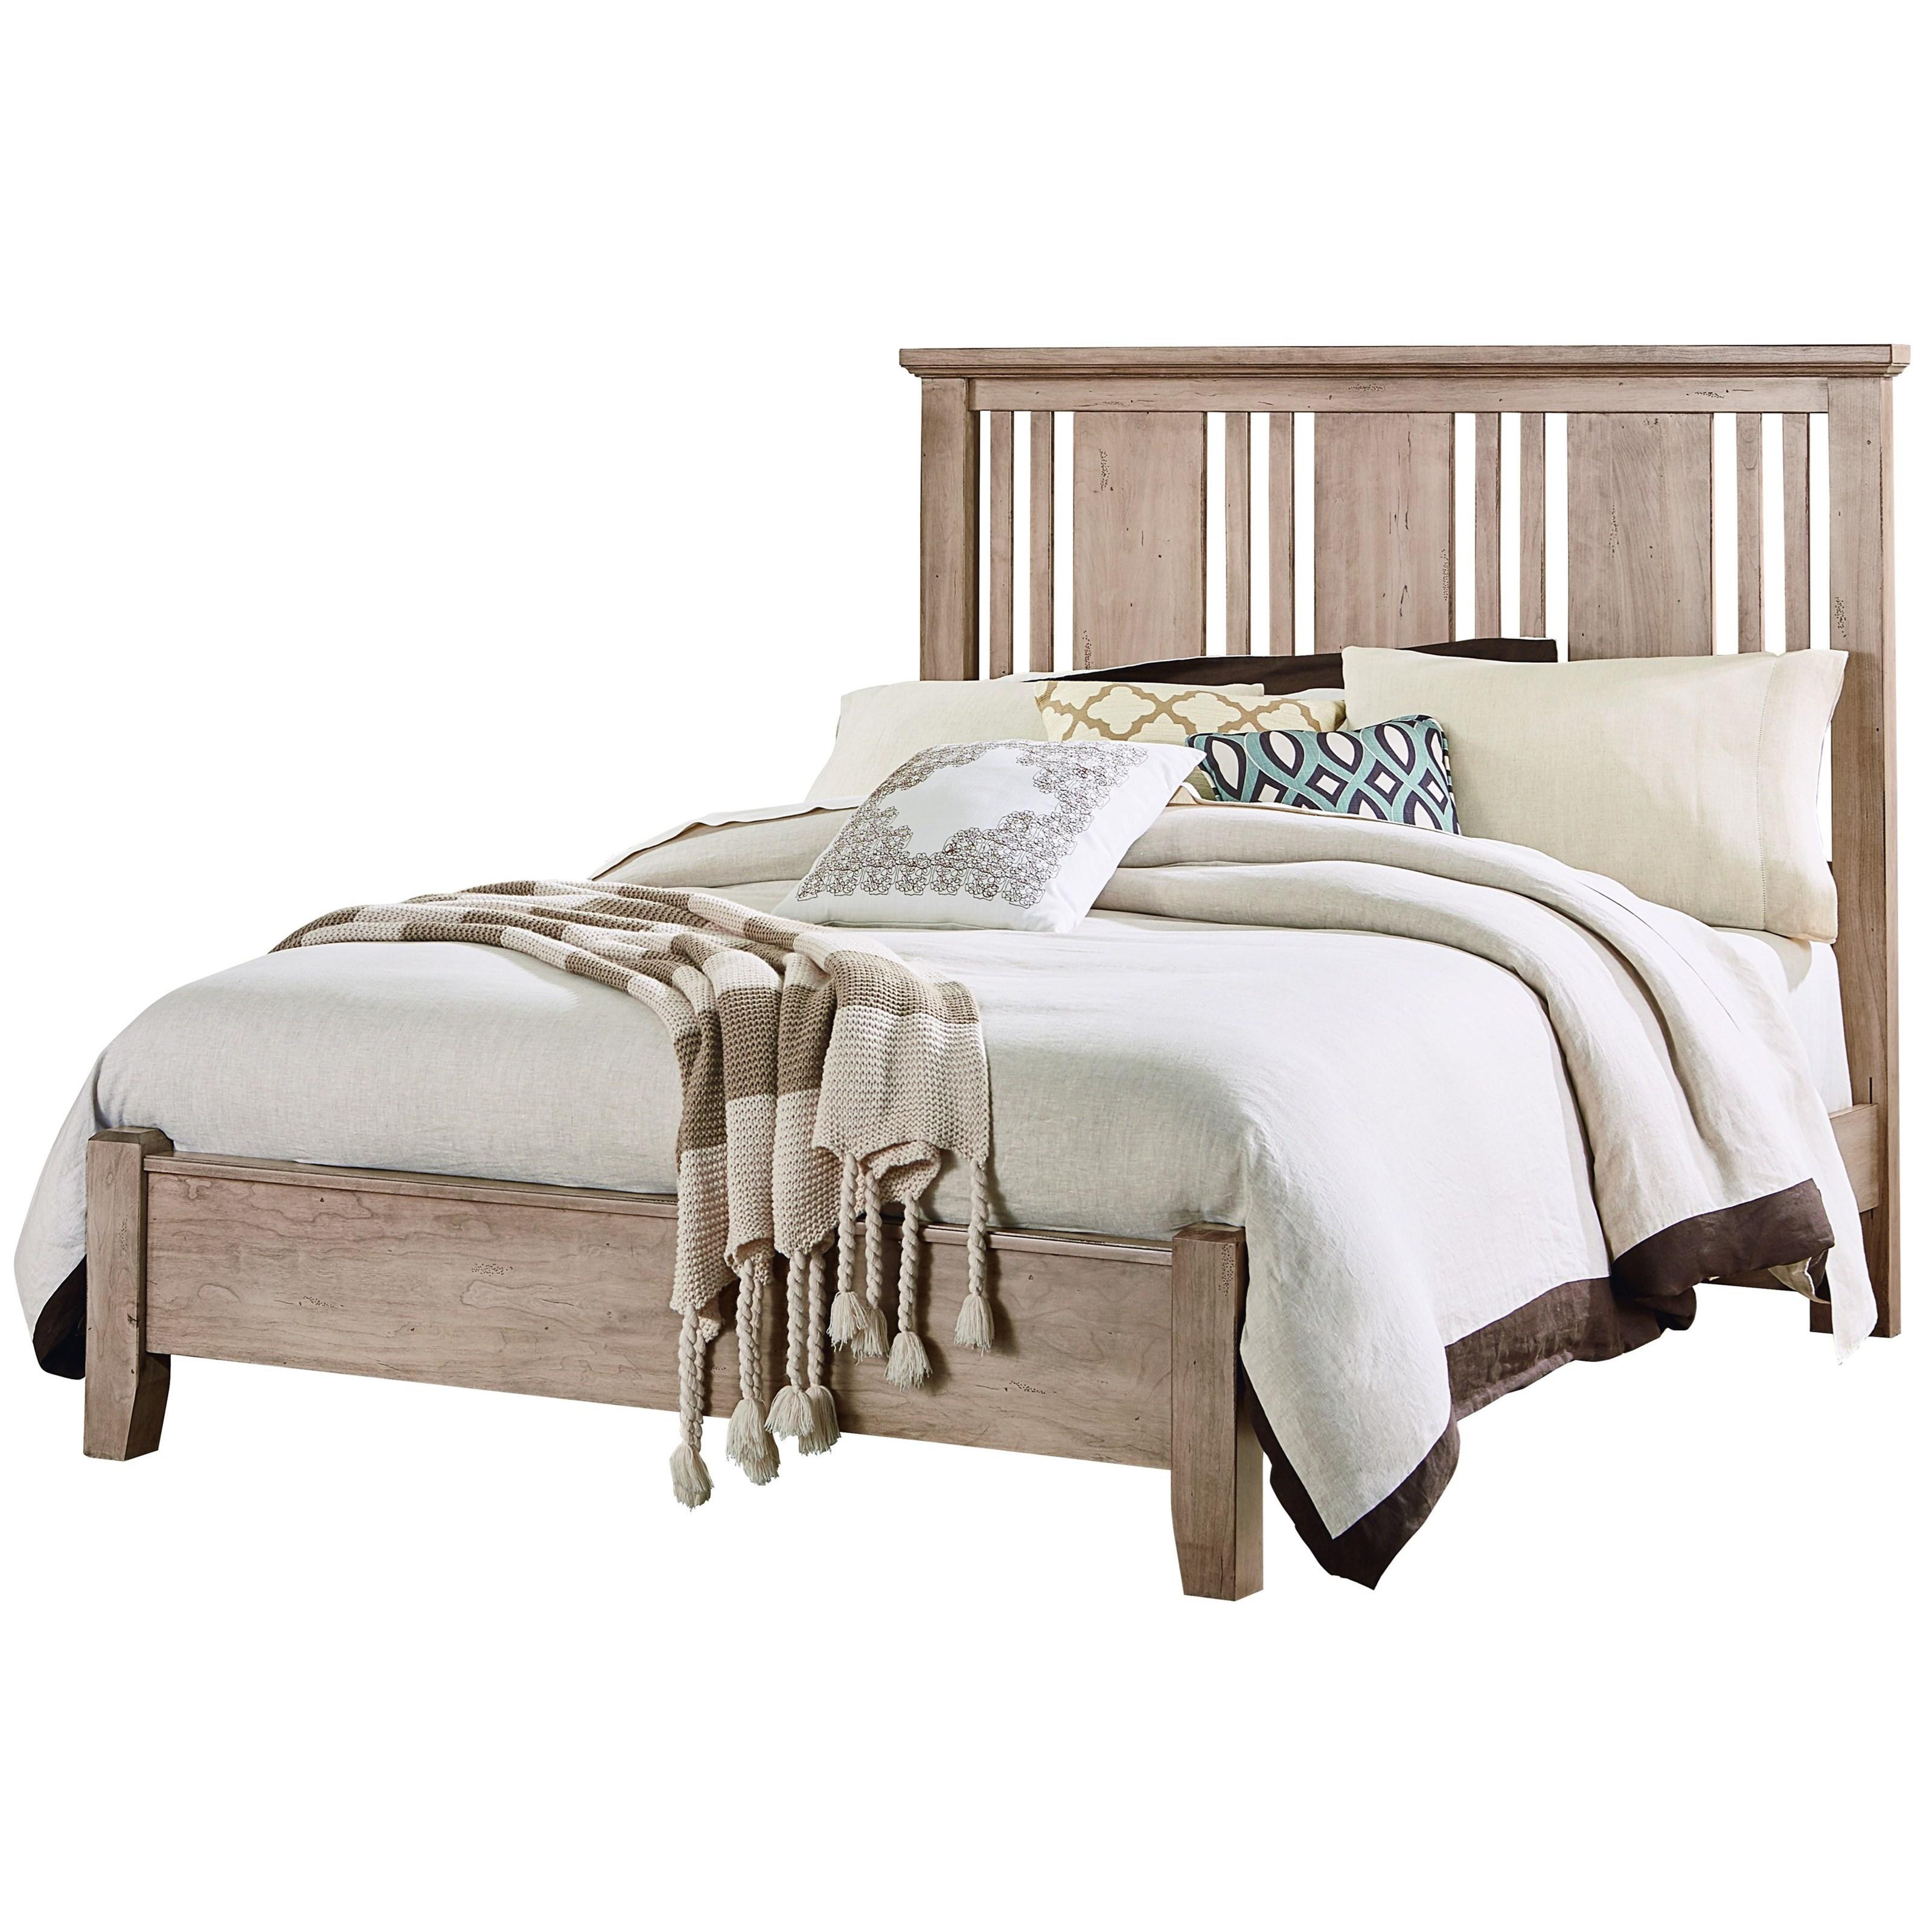 King Craftsman Bed